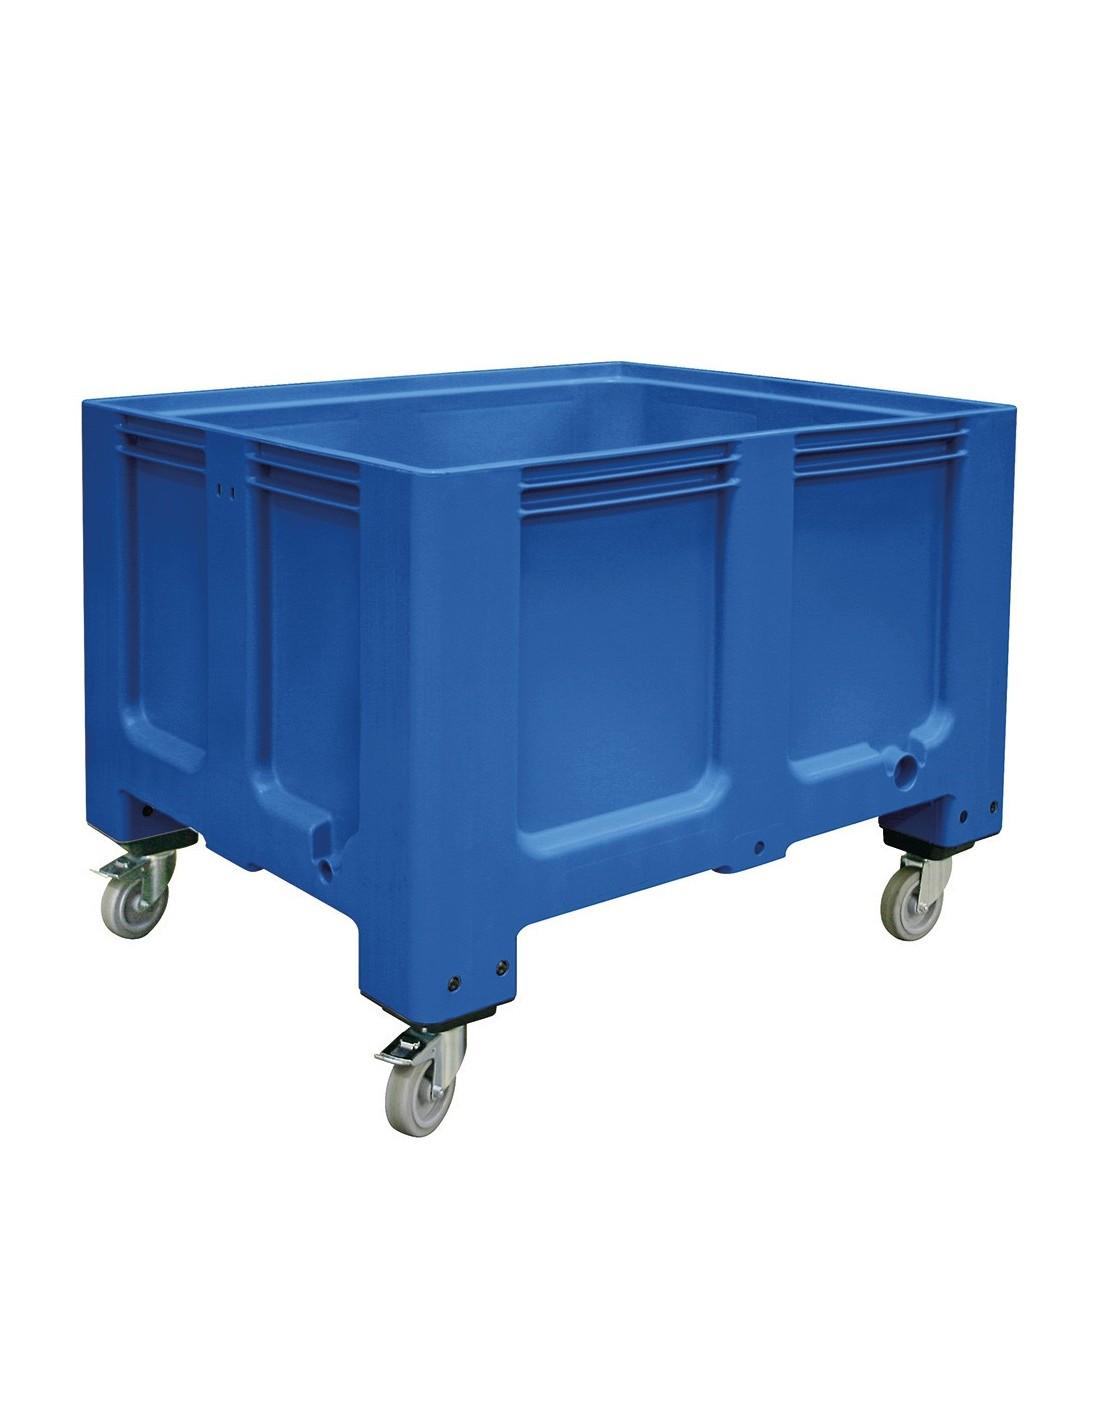 1000 x 1200 mm Großbox mit Rollen u. Bremse flüssigkeitsdicht